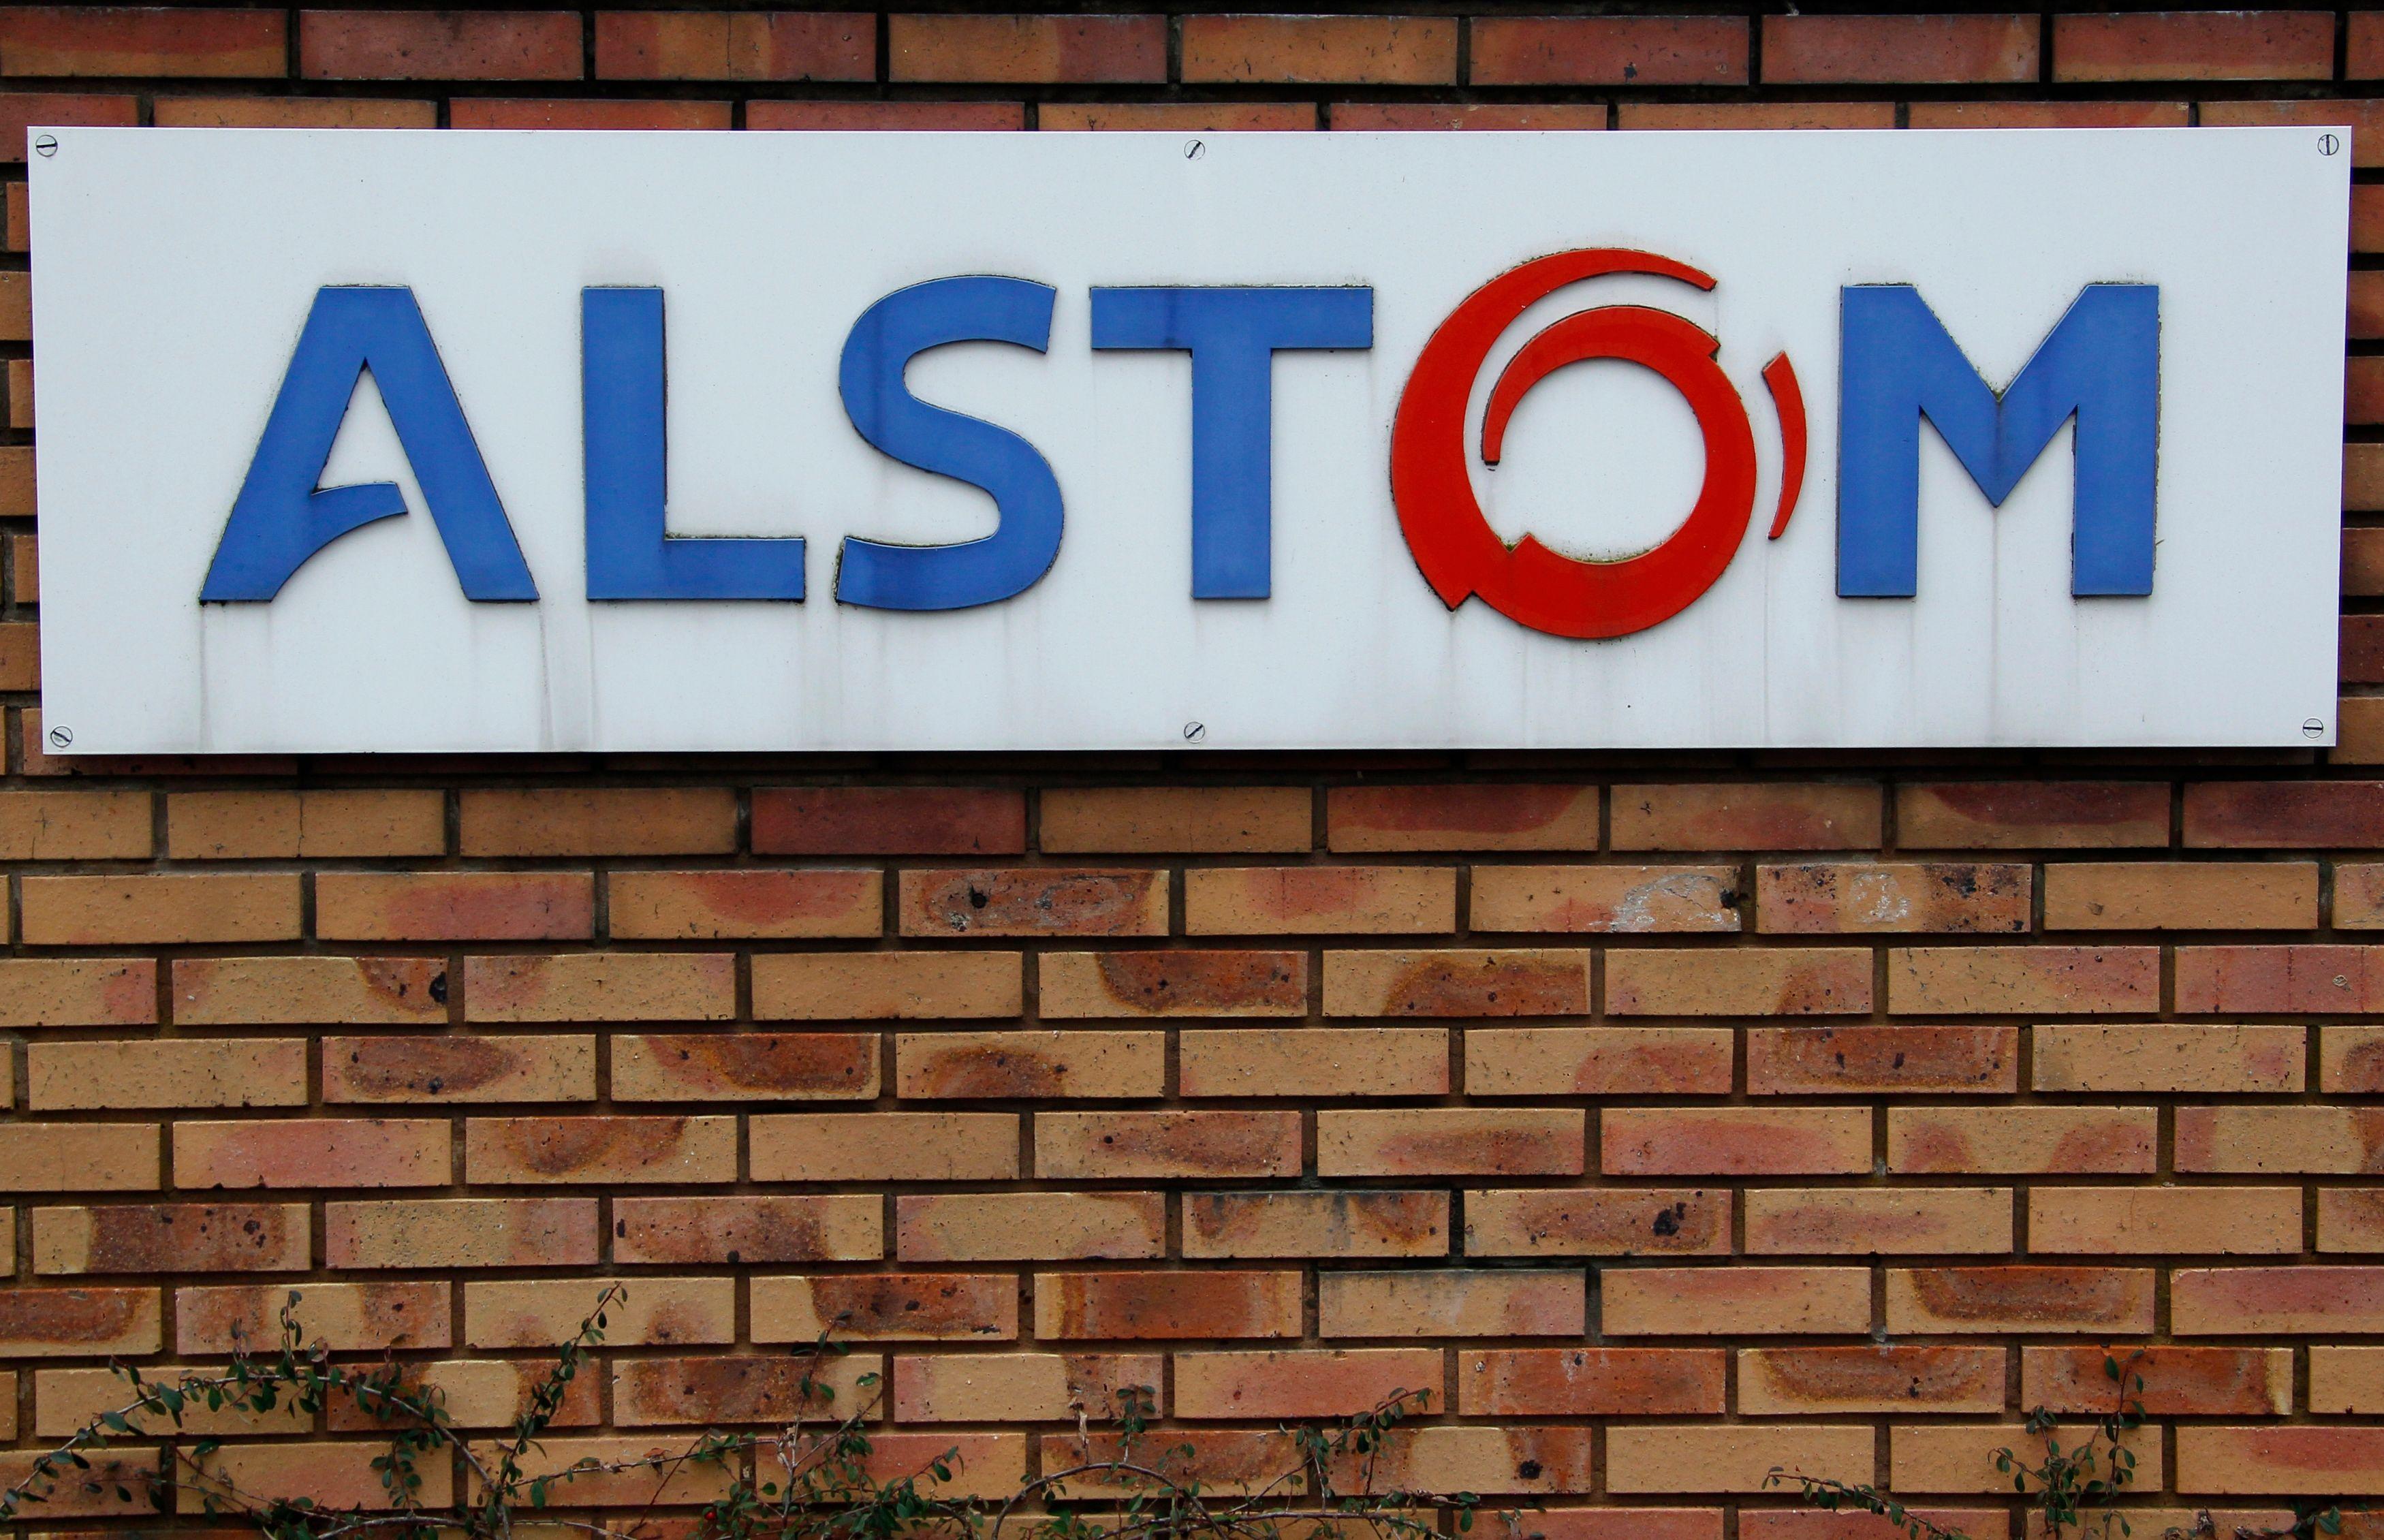 Petites réflexions sur la commission parlementaire consacrée au naufrage d'Alstom